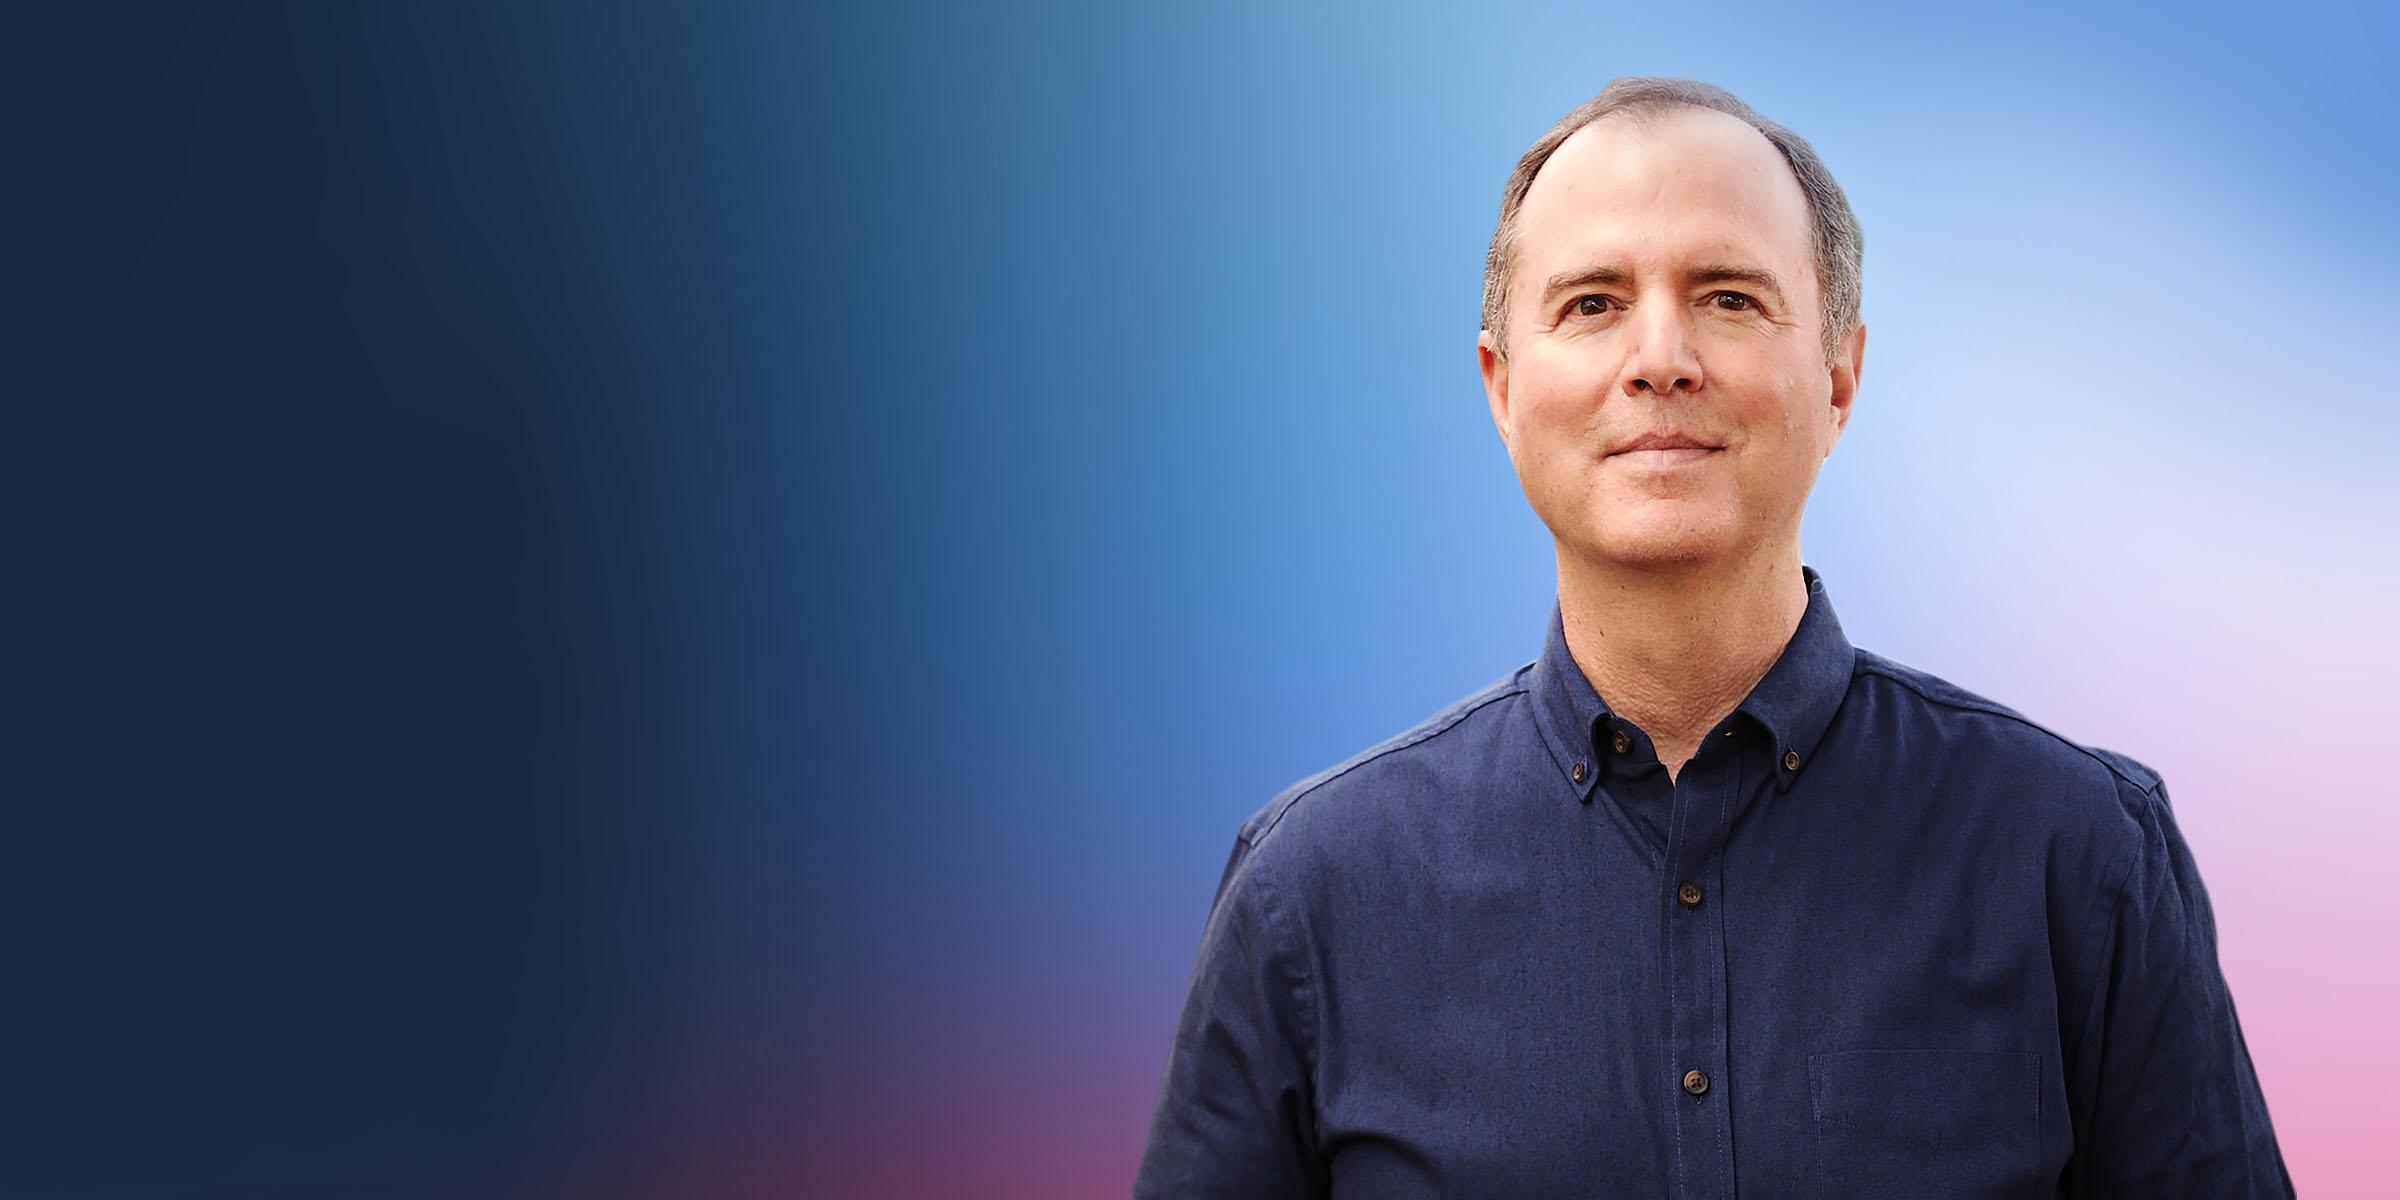 Adam Schiff for Congress